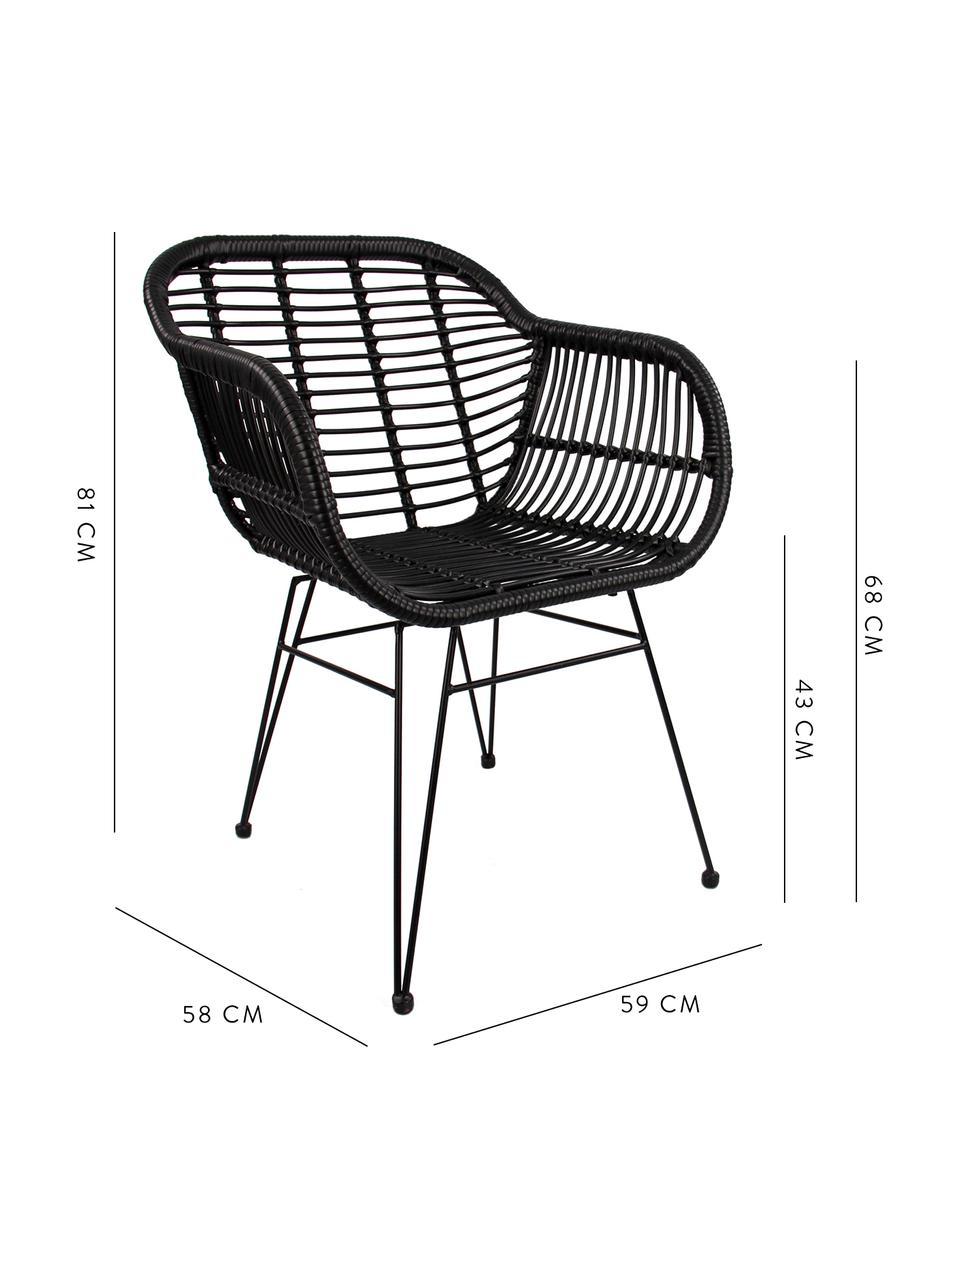 Polyrattan-Armlehnstühle Costa, 2 Stück, Sitzfläche: Polyethylen-Geflecht, Gestell: Metall, pulverbeschichtet, Schwarz, Beine Schwarz, B 59 x T 58 cm